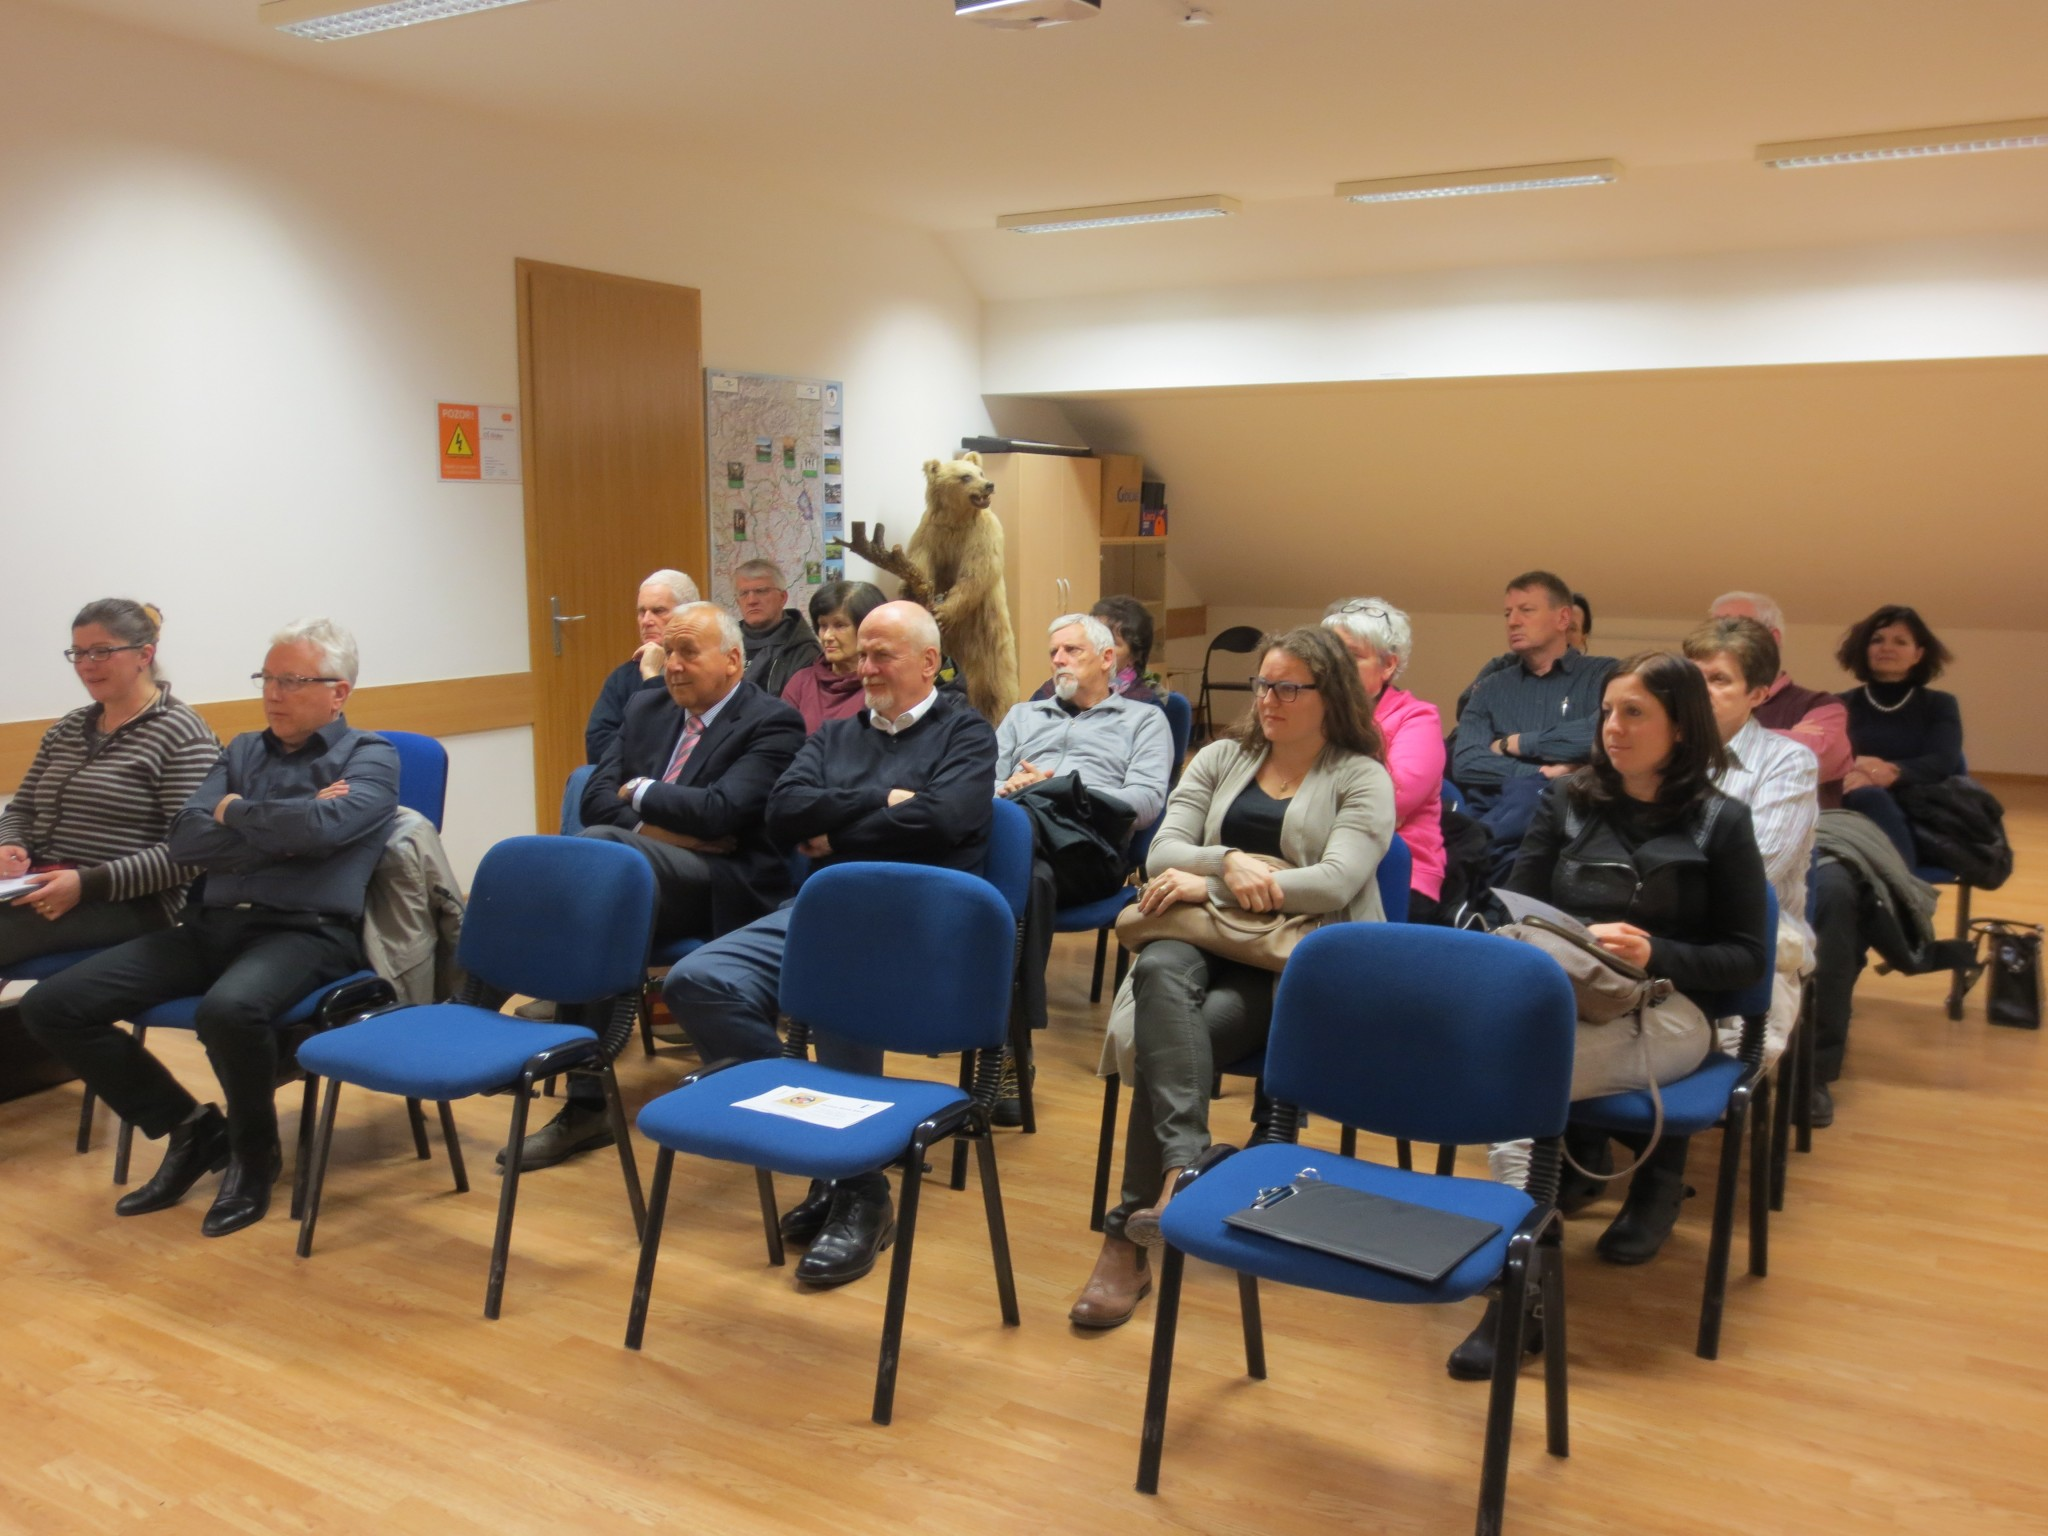 IMG 3502 - Milan Jazbec: Diplomat Martin Krpan